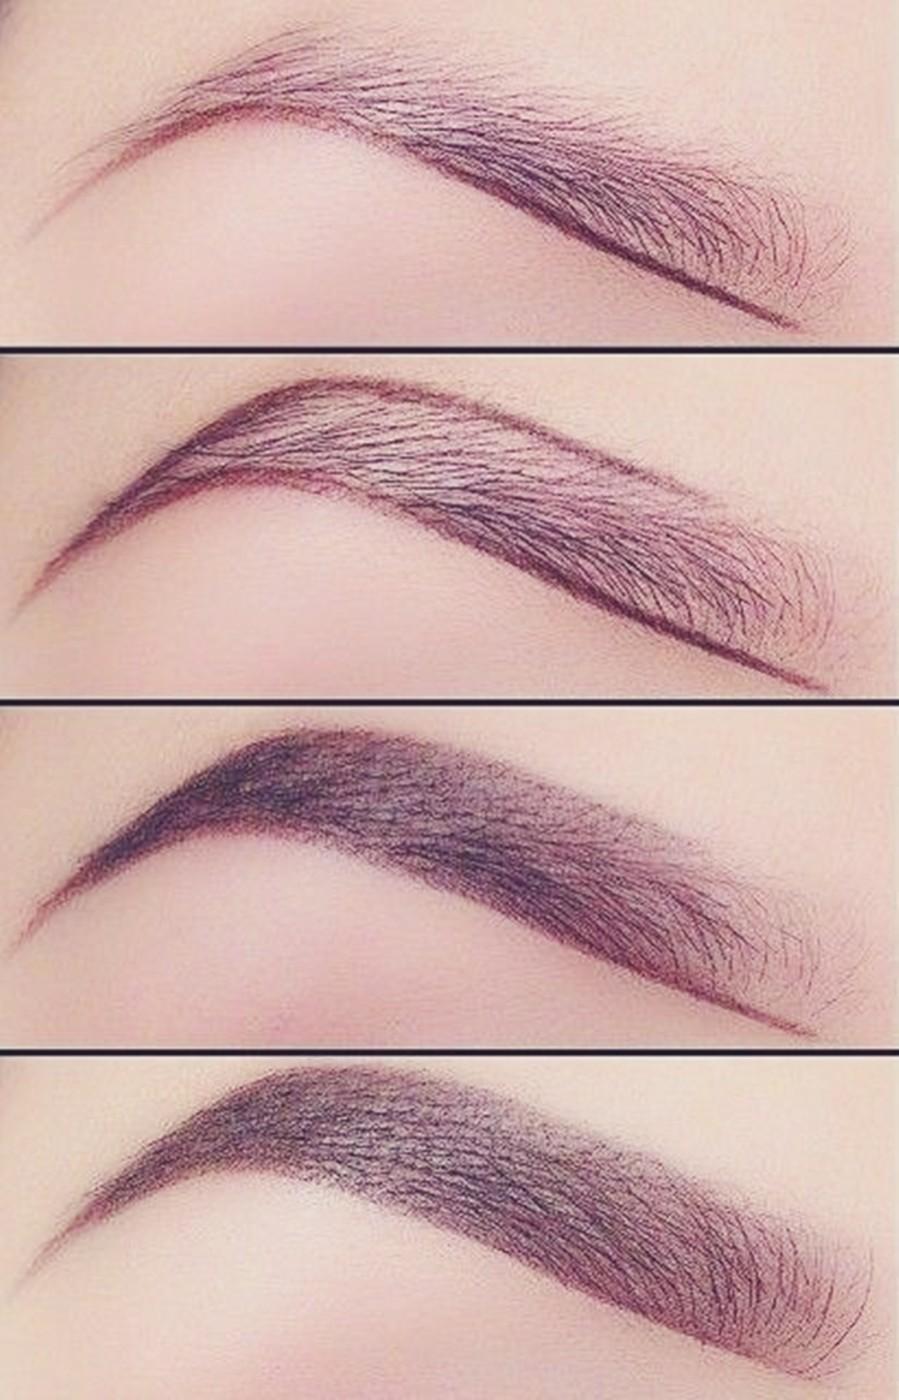 maquiagem para senhoras - sobrancelhas